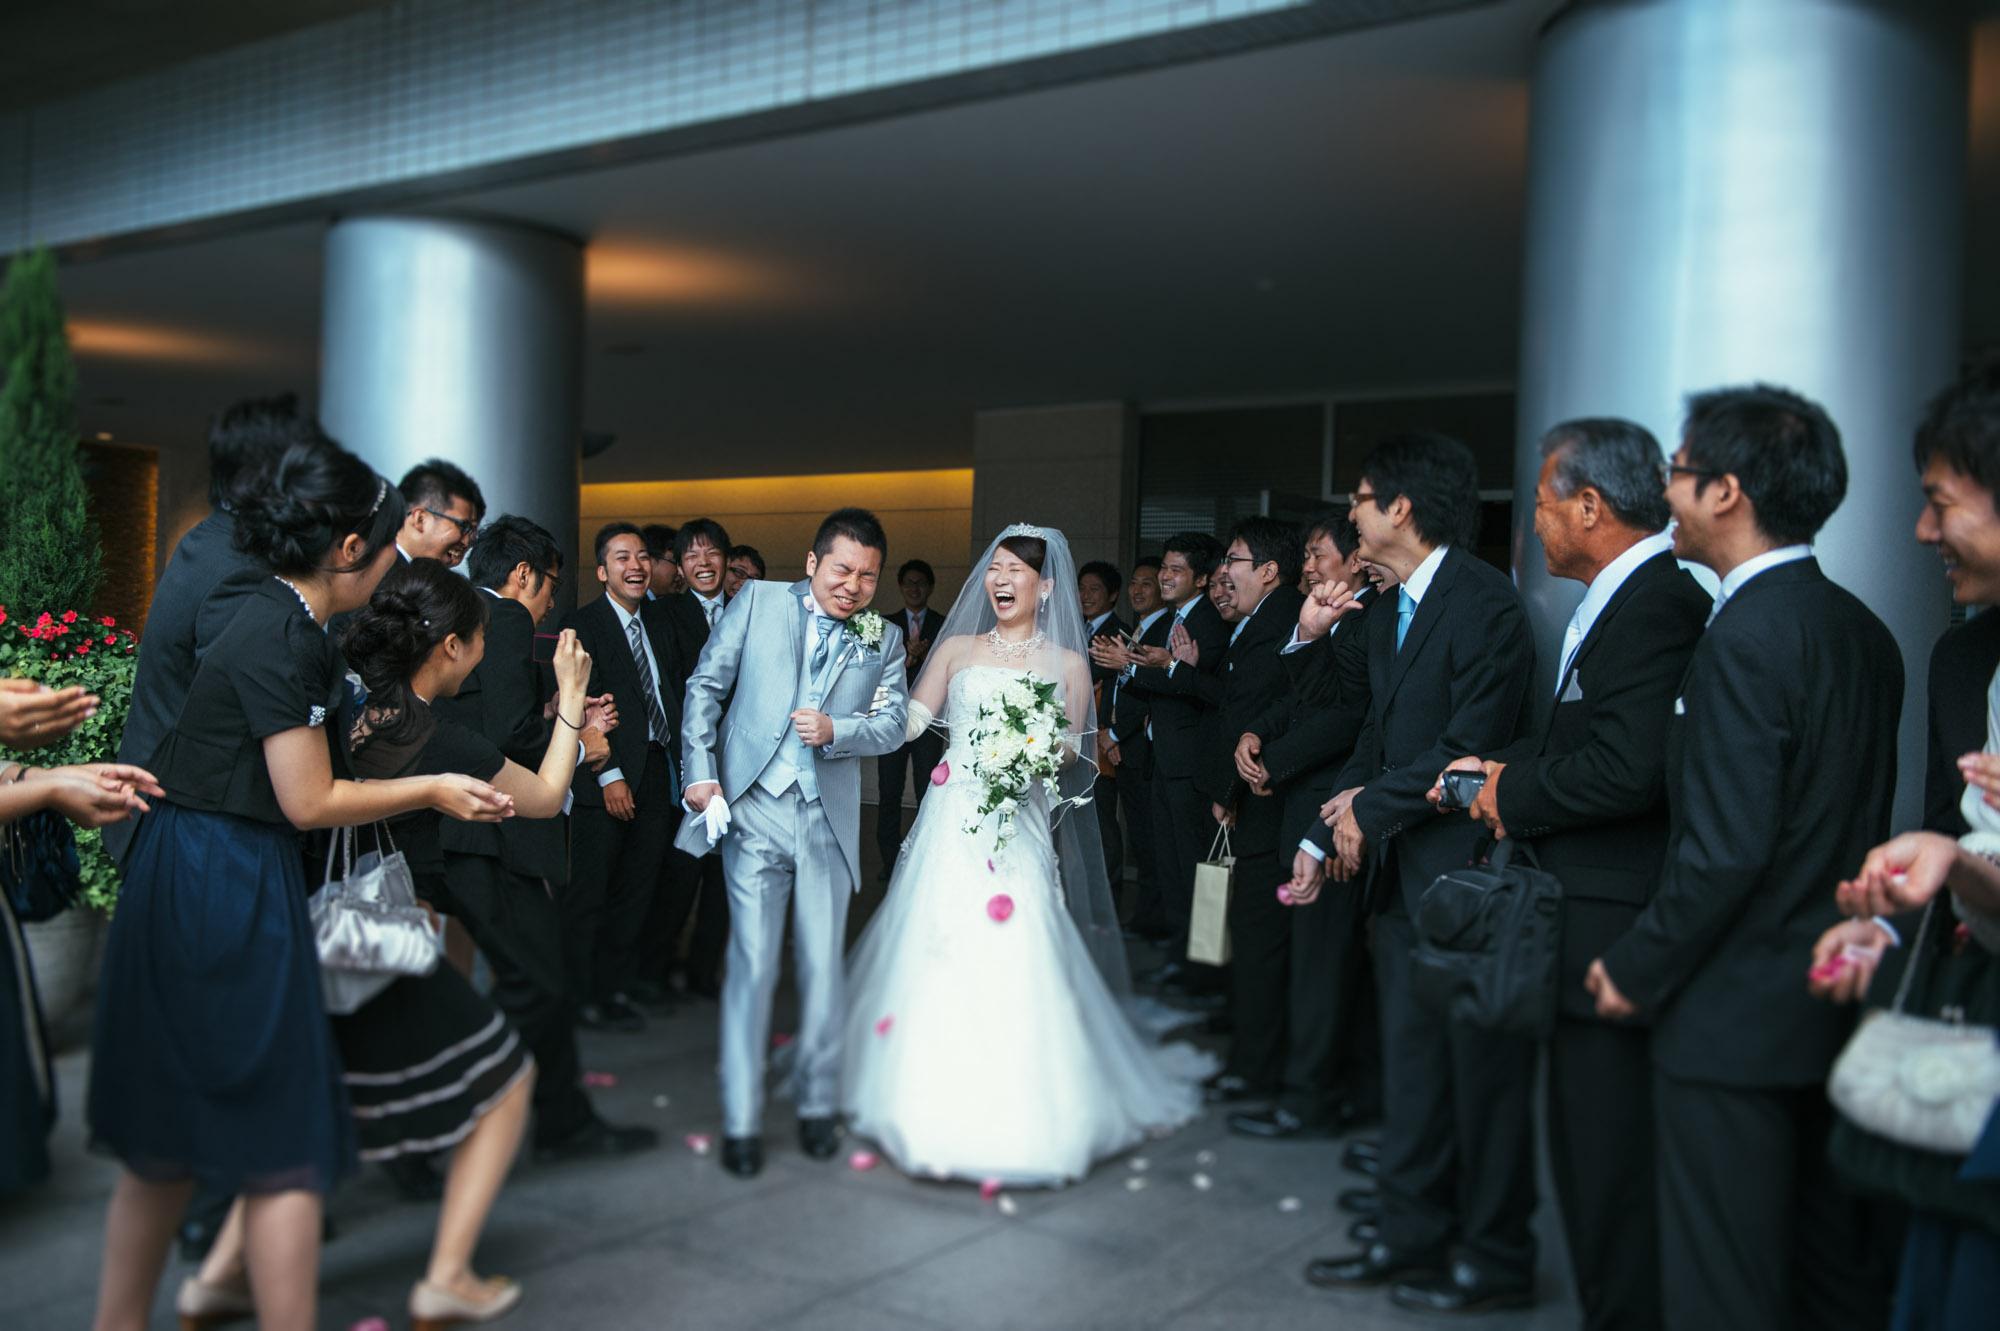 hilton wedding42